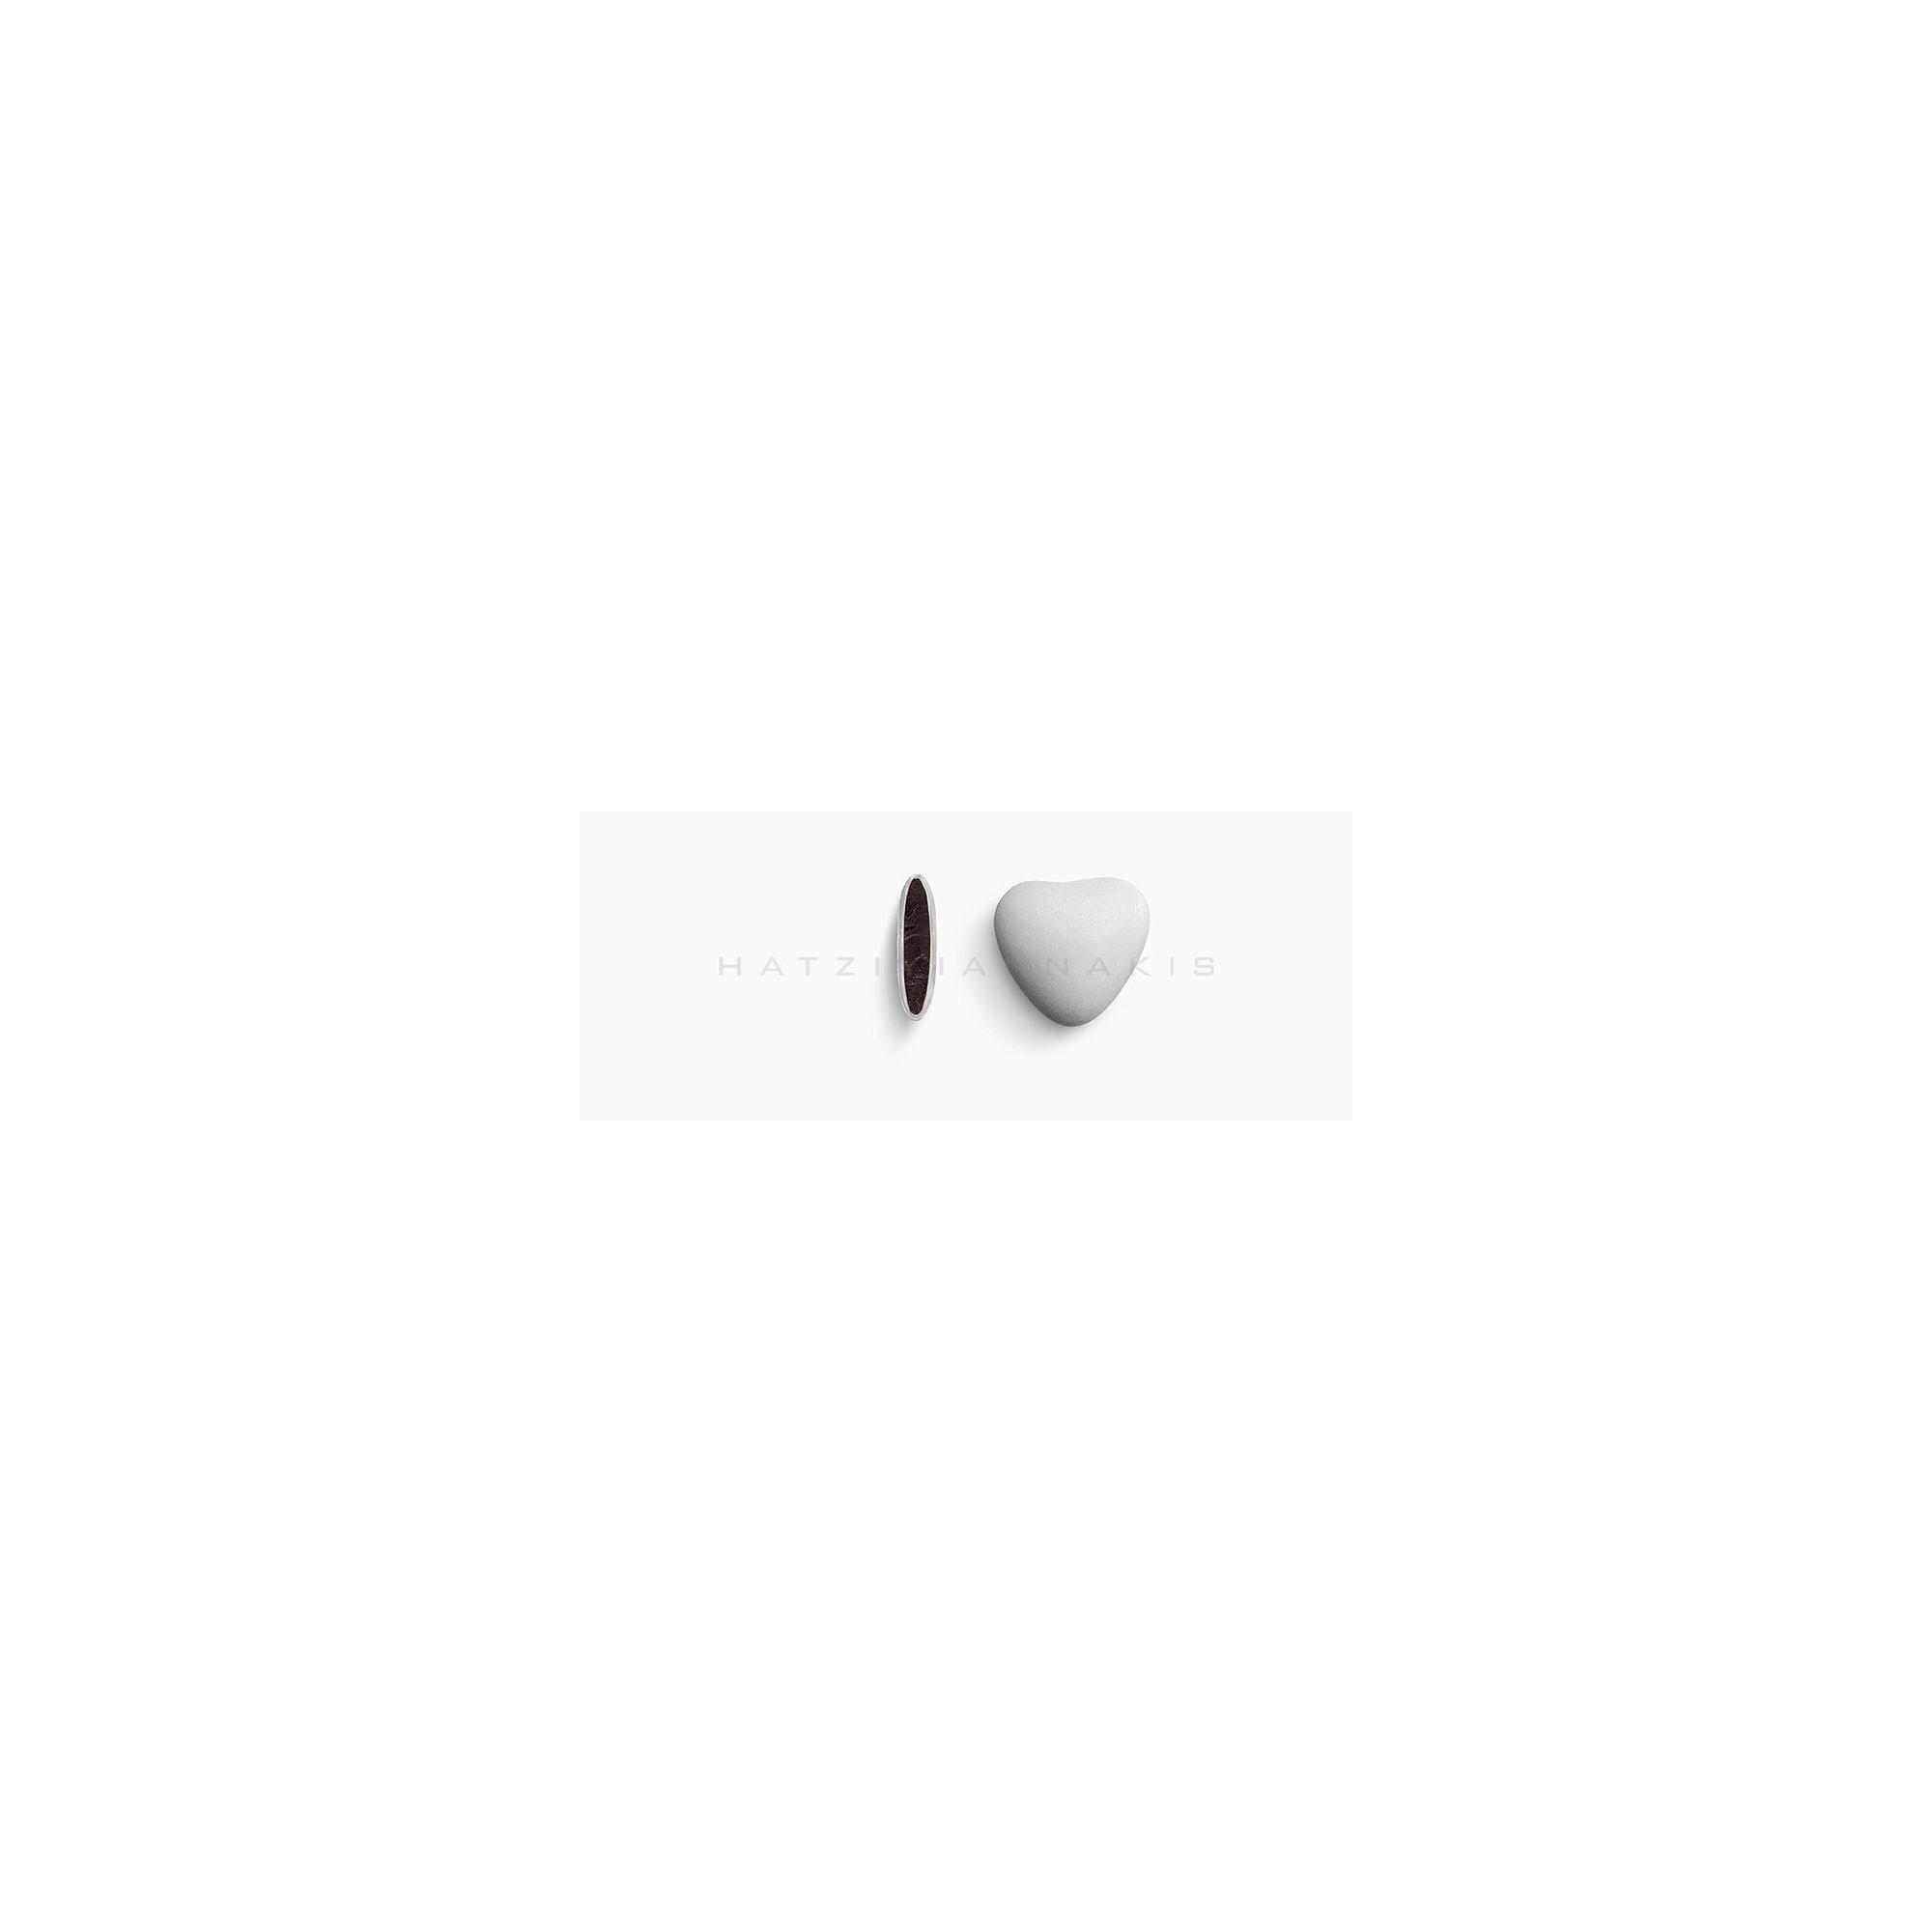 Κουφέτο Σοκολάτας Καρδιά - LWG-X1101